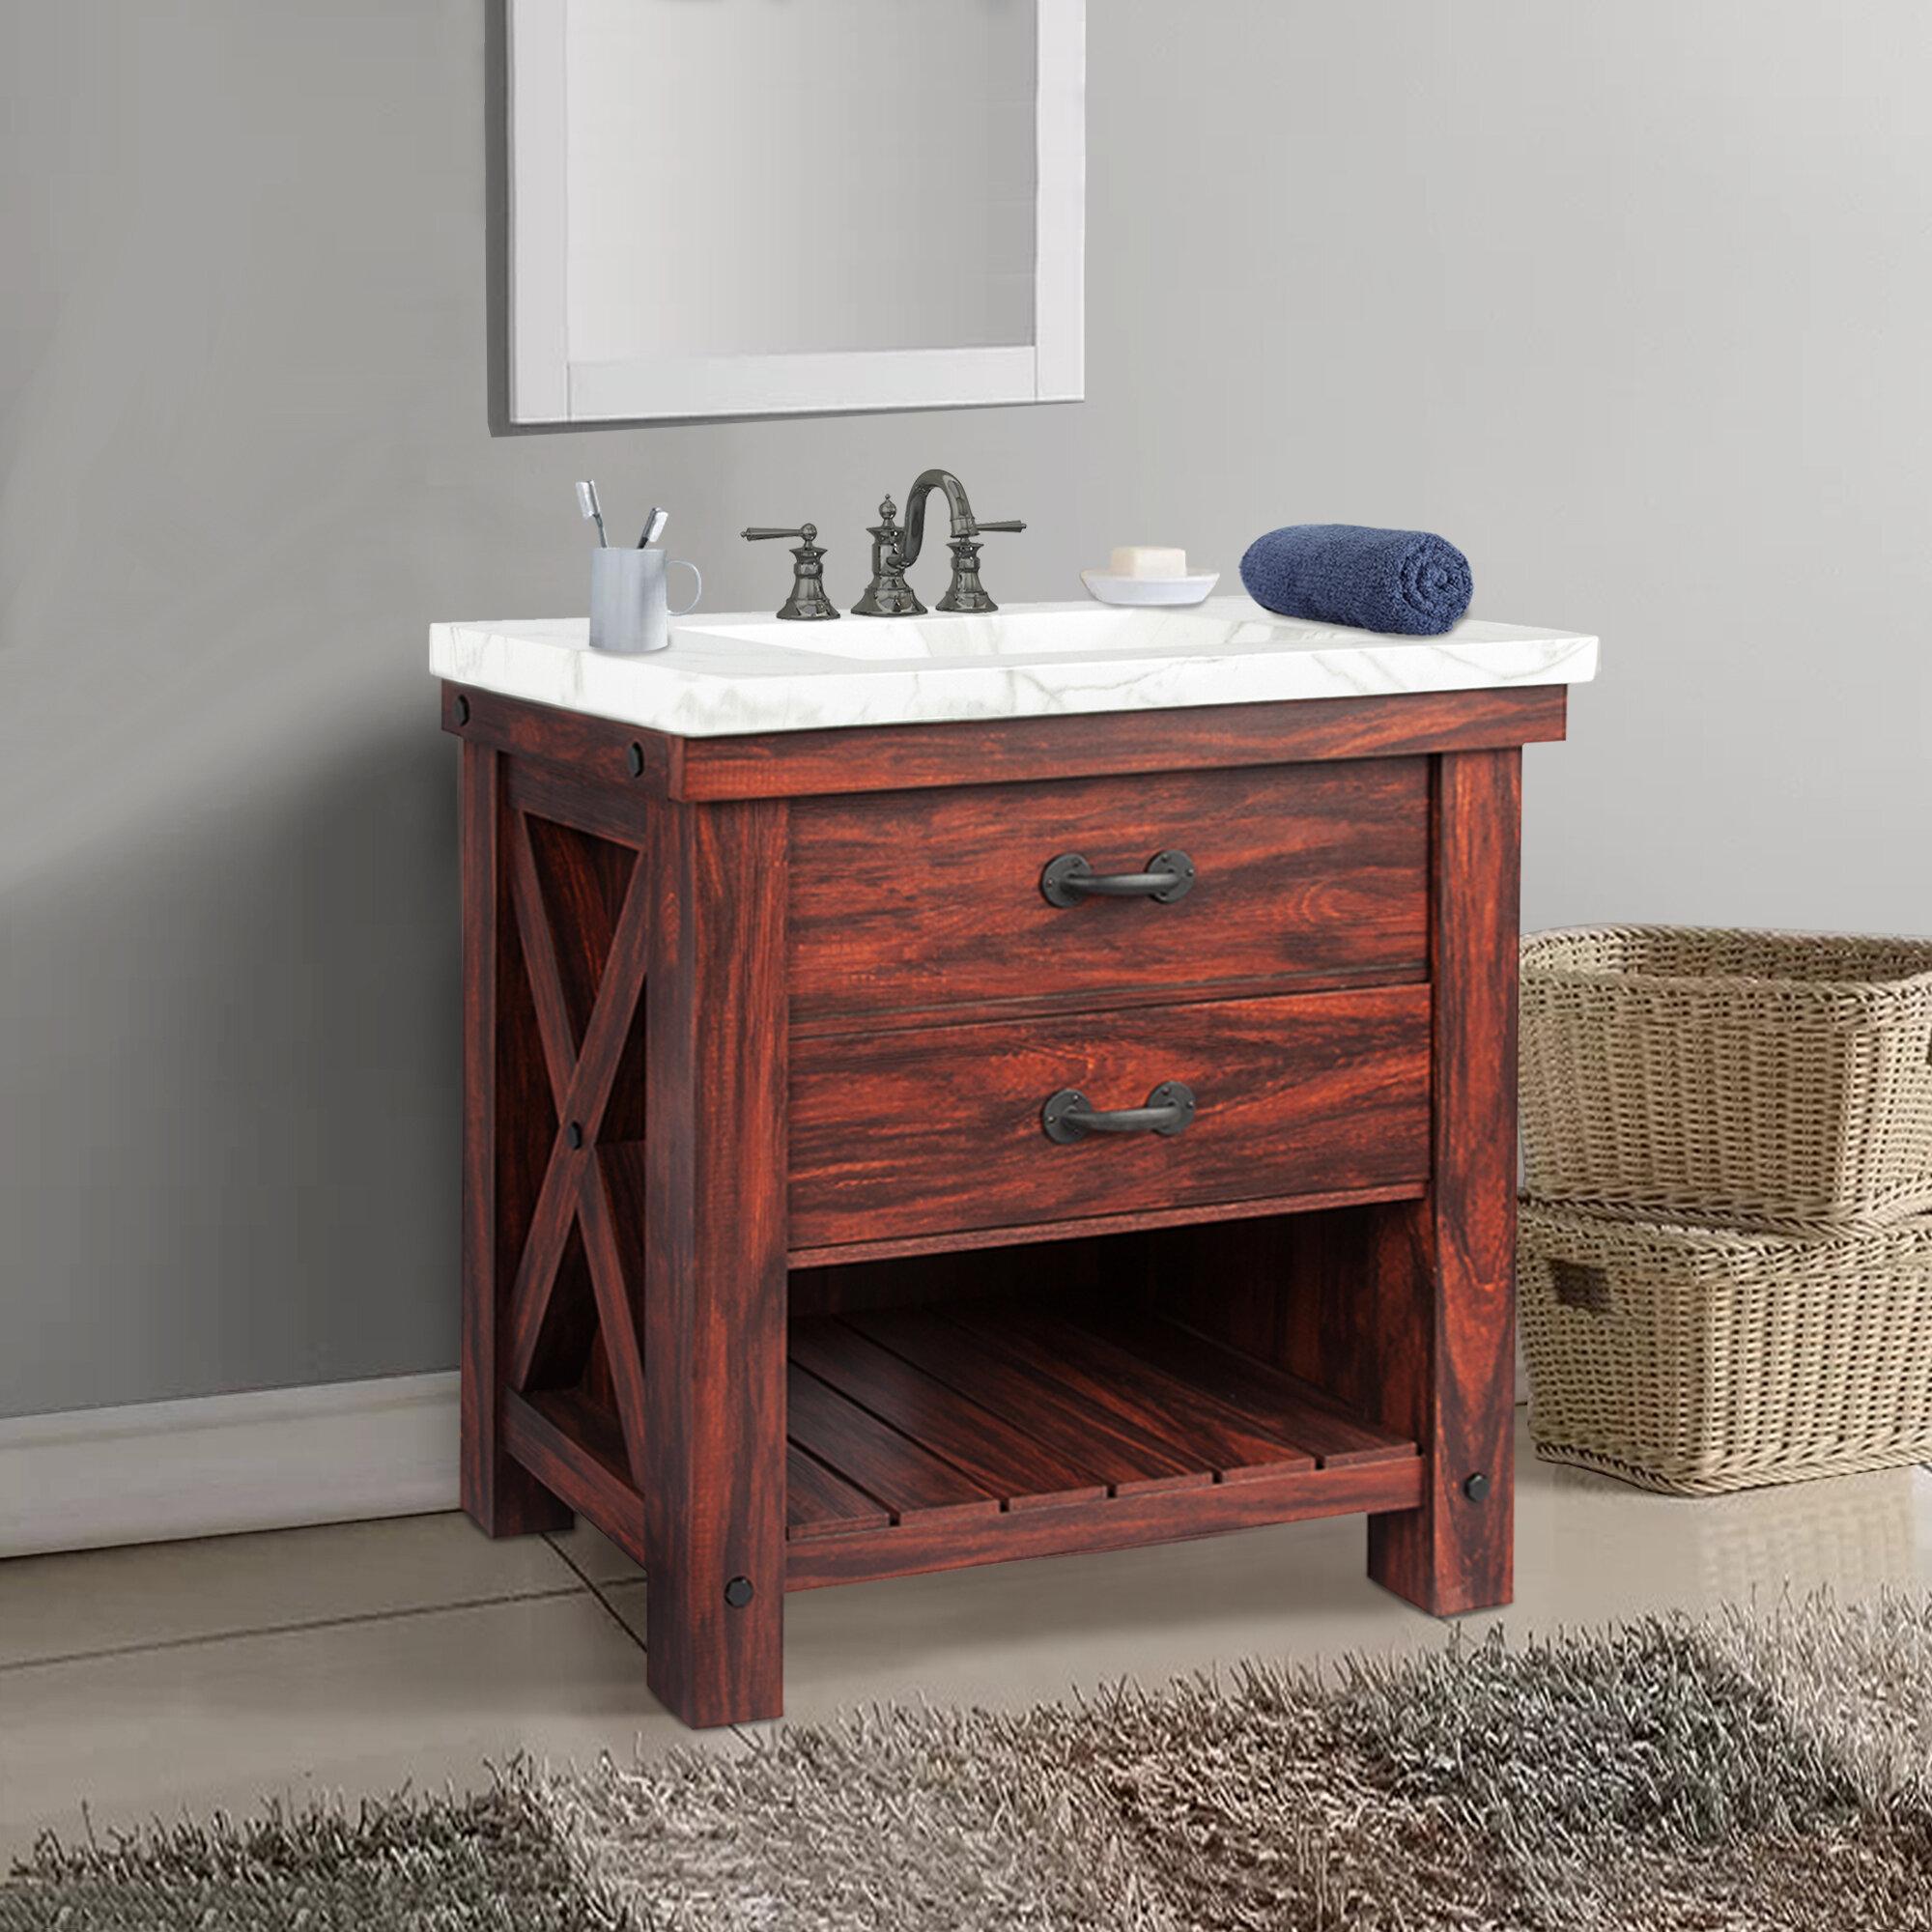 Millwood Pines Marielle 36 Single Bathroom Vanity Set Reviews Wayfair